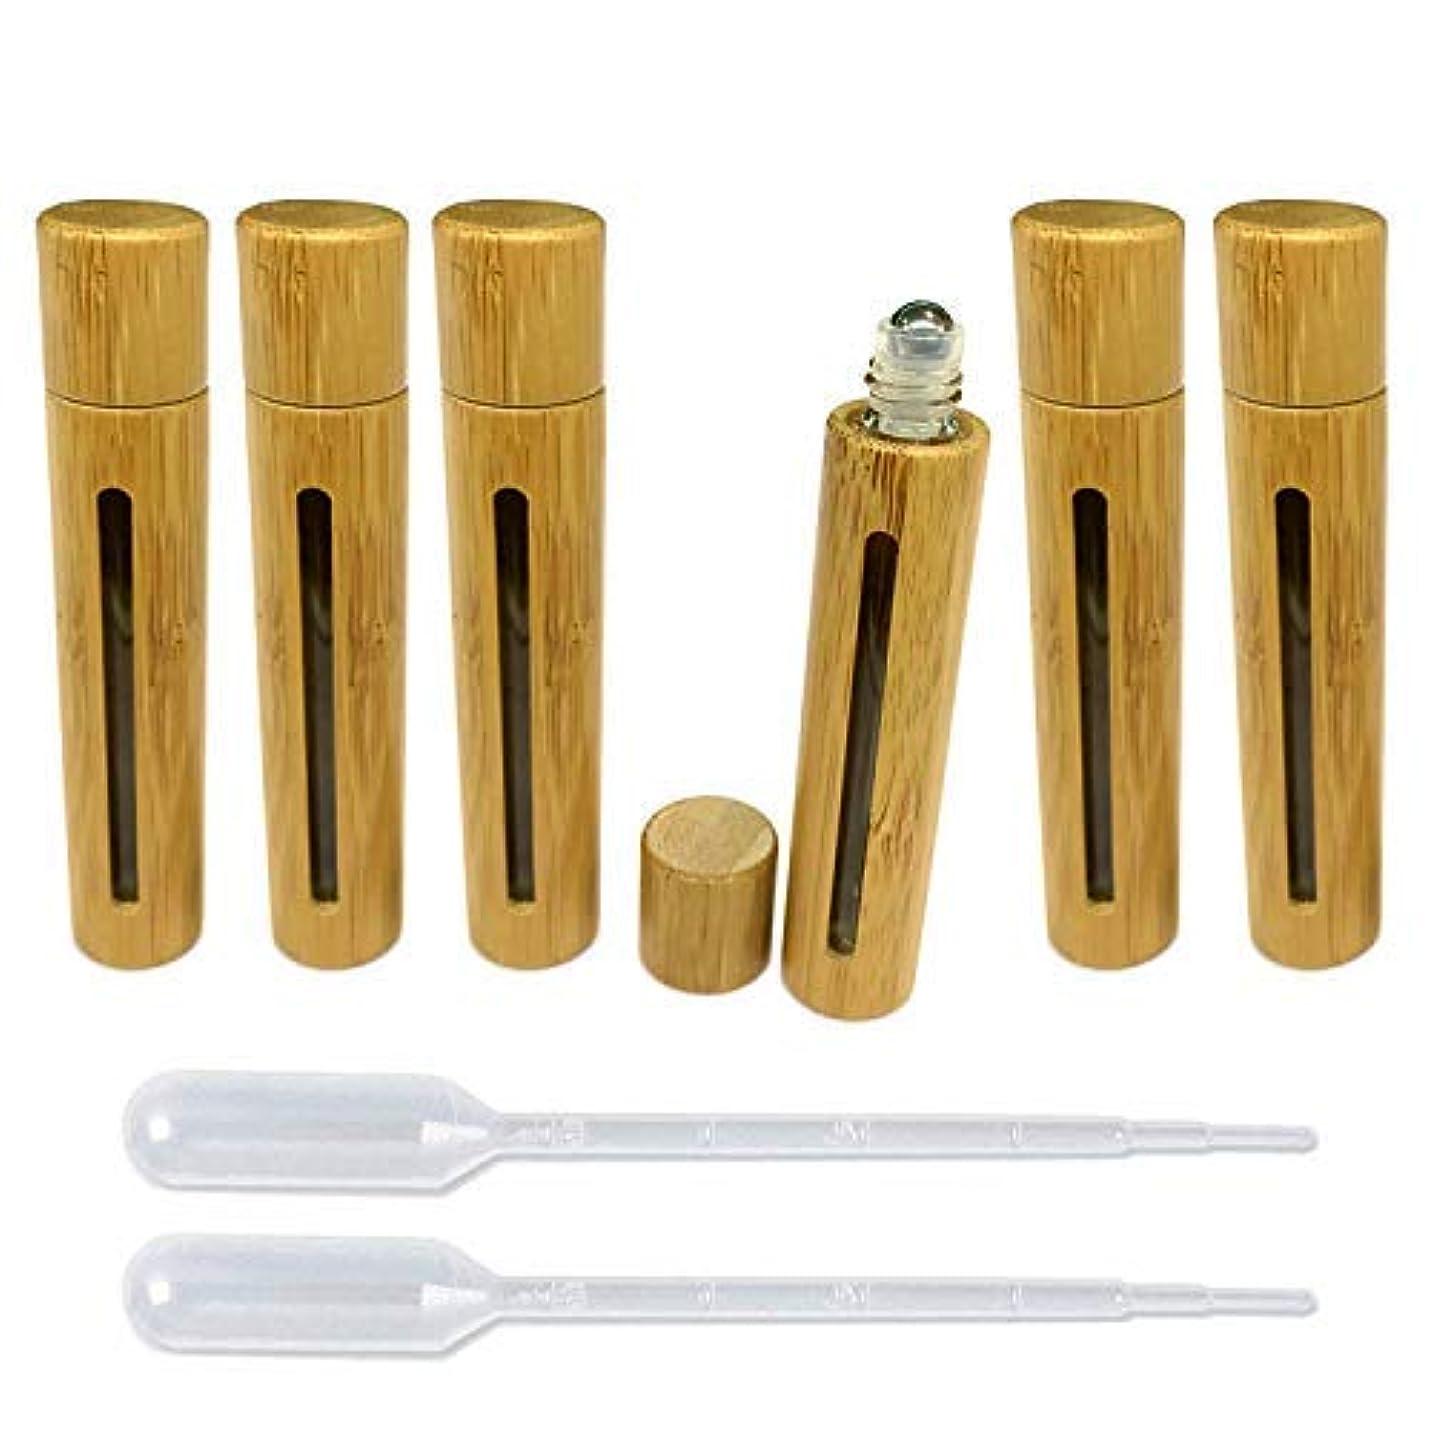 パートナーグレートオークサロン6 Pieces Roll On Bottles 10ml With Hollow Window Bamboo Shell Clear Glass Roller Bottles Empty Refillable Essential...